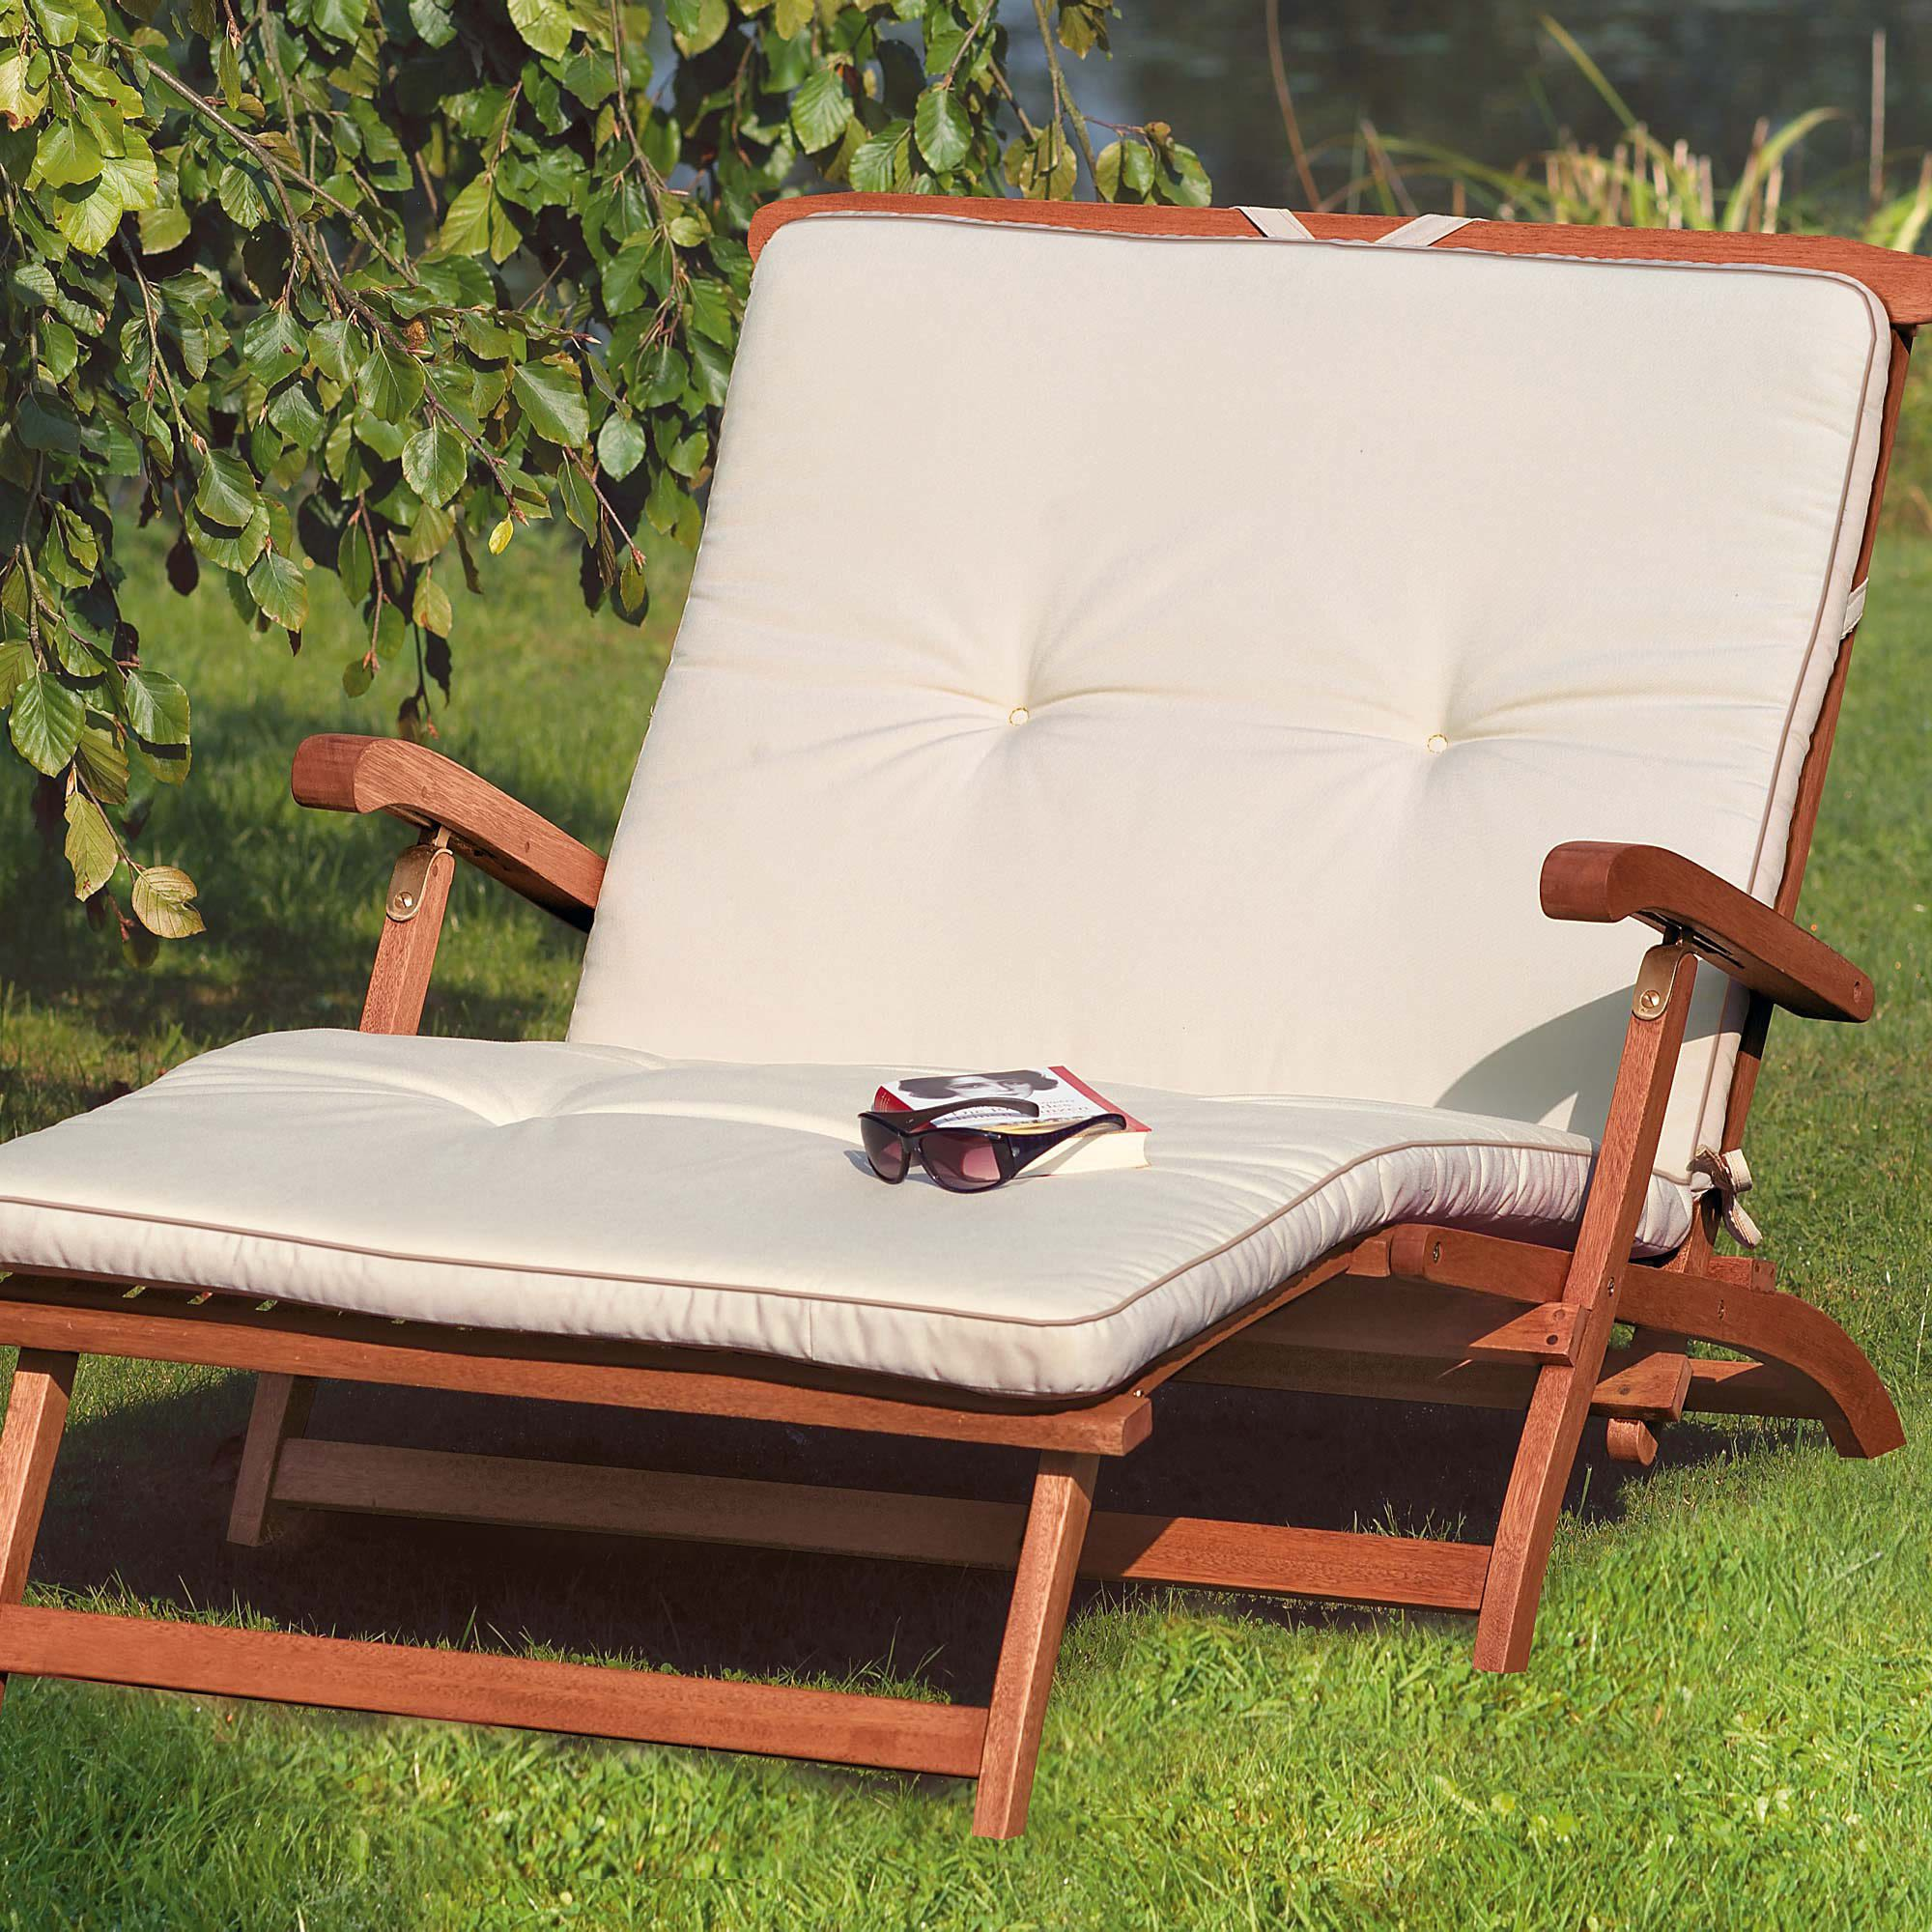 Sonnenliege holz mit auflage  Gartenliege Holz Doppel | ambiznes.com